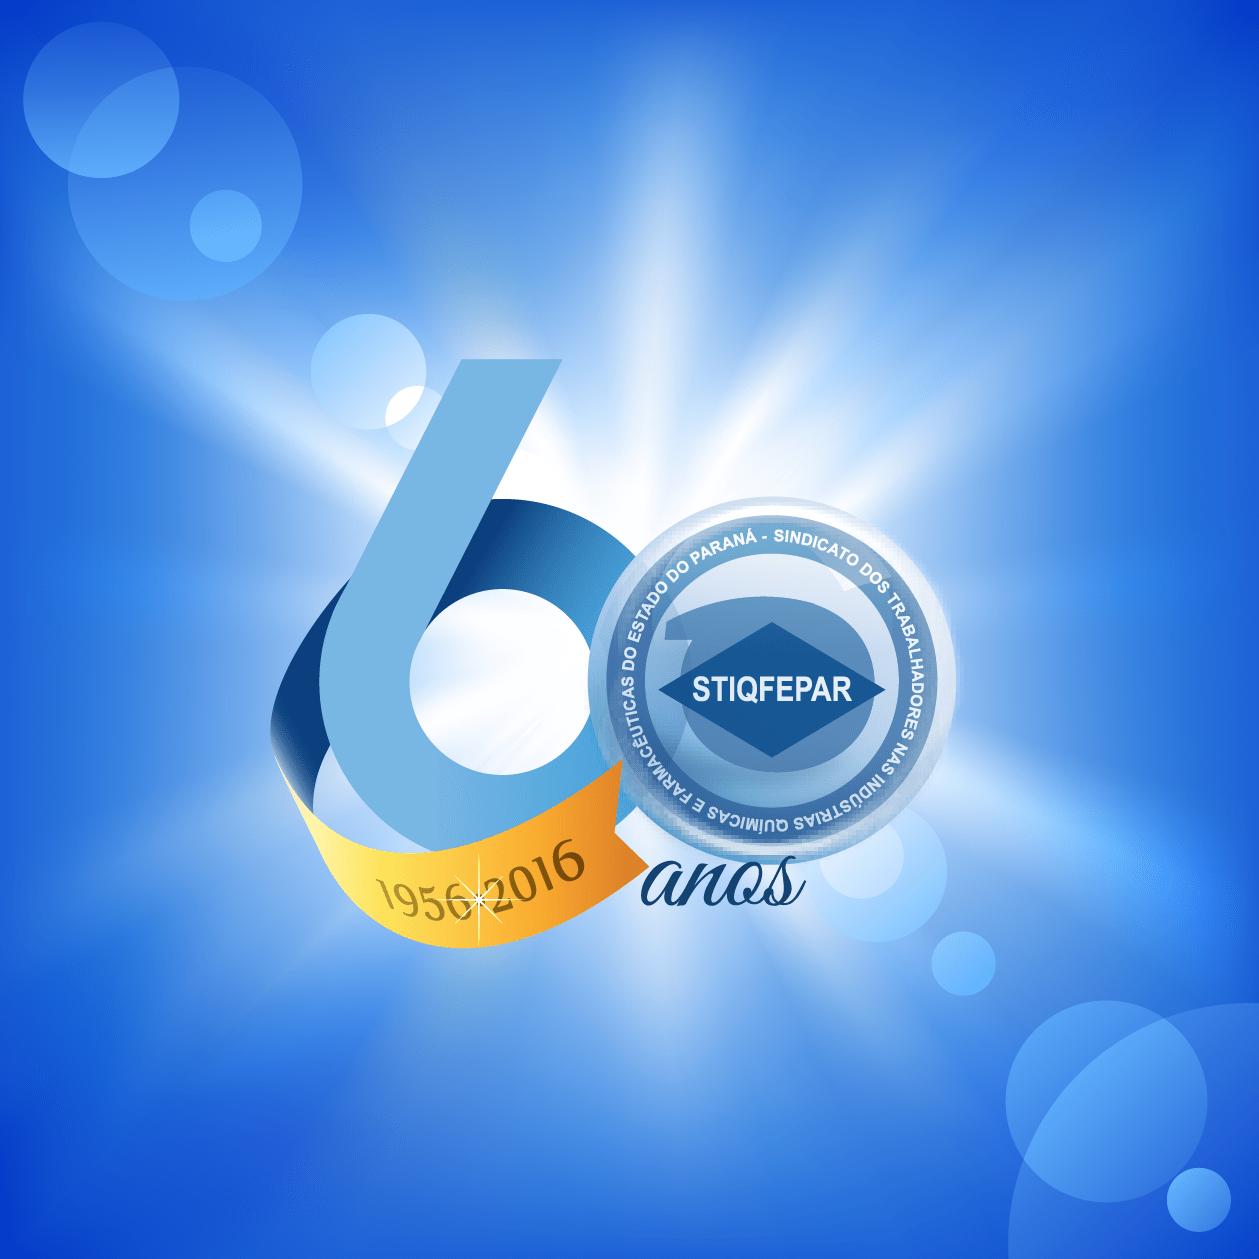 STIQFEPAR 60 anos